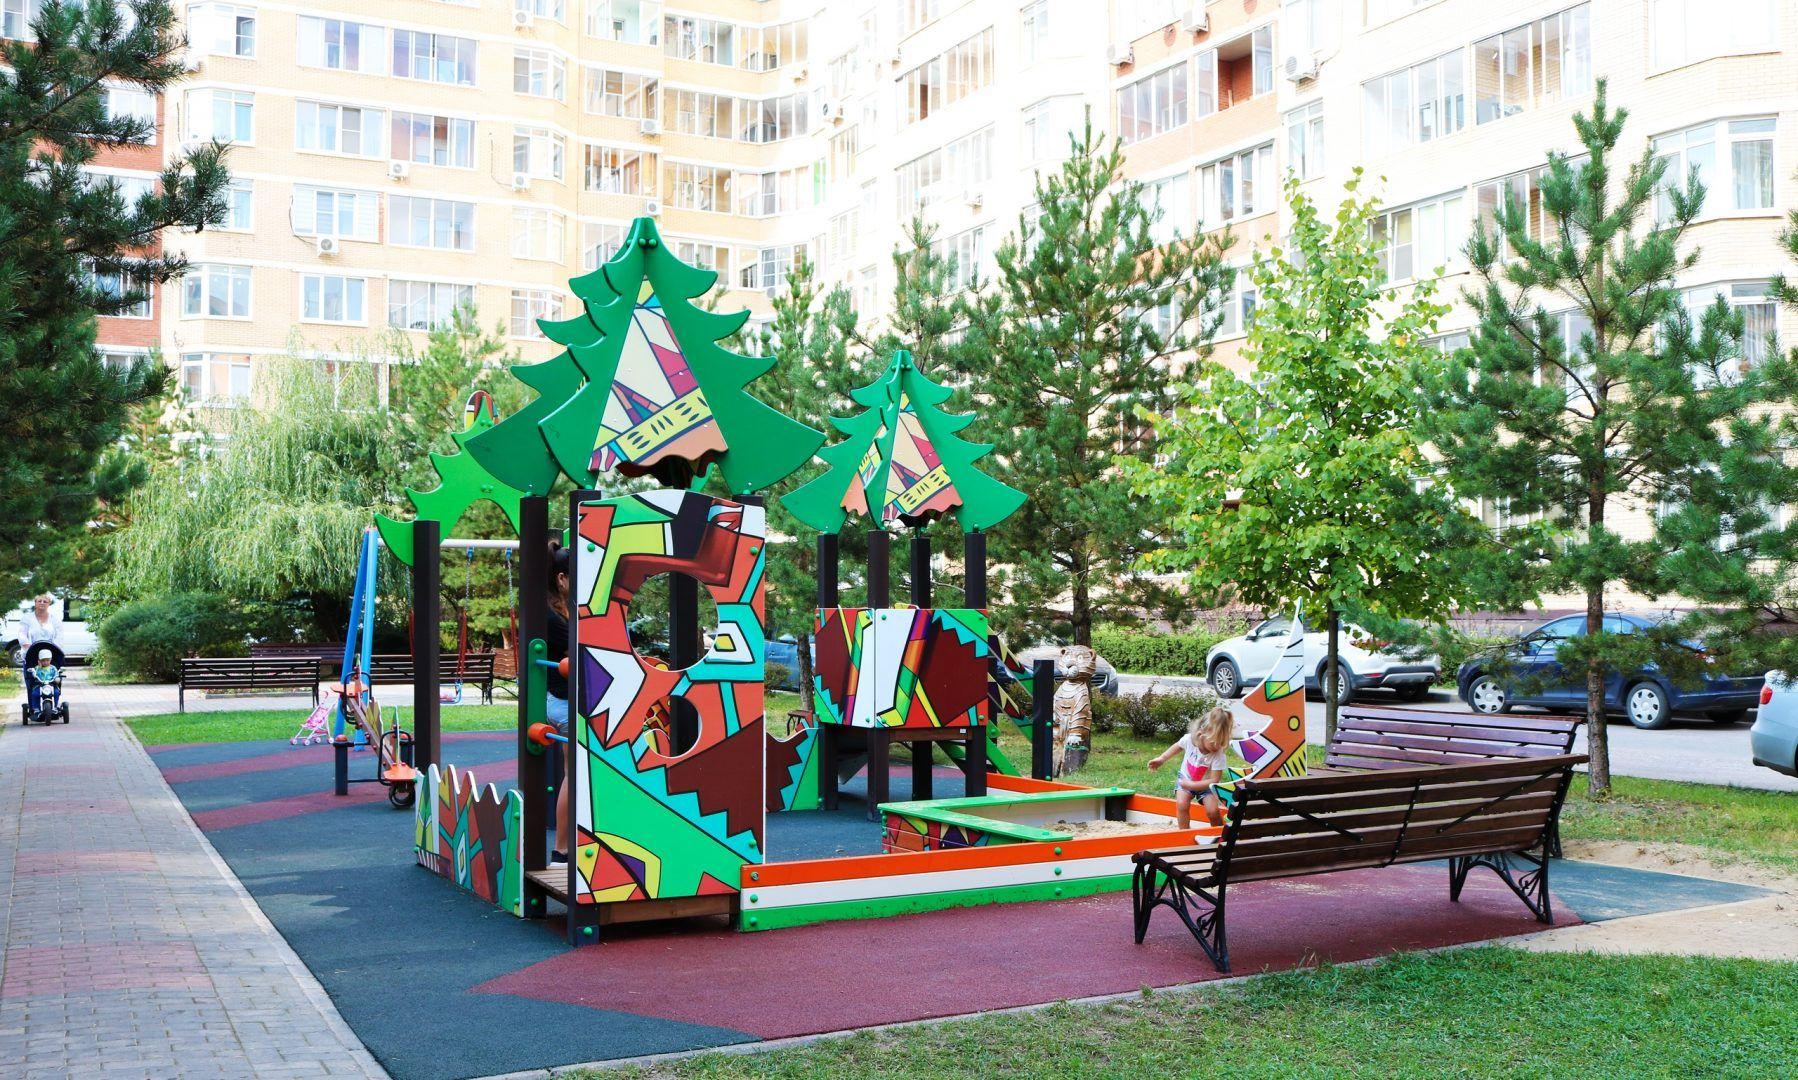 Современную детскую площадку установили в поселении Рязановское. Фото предоставили сотрудники администрации поселения Рязановское